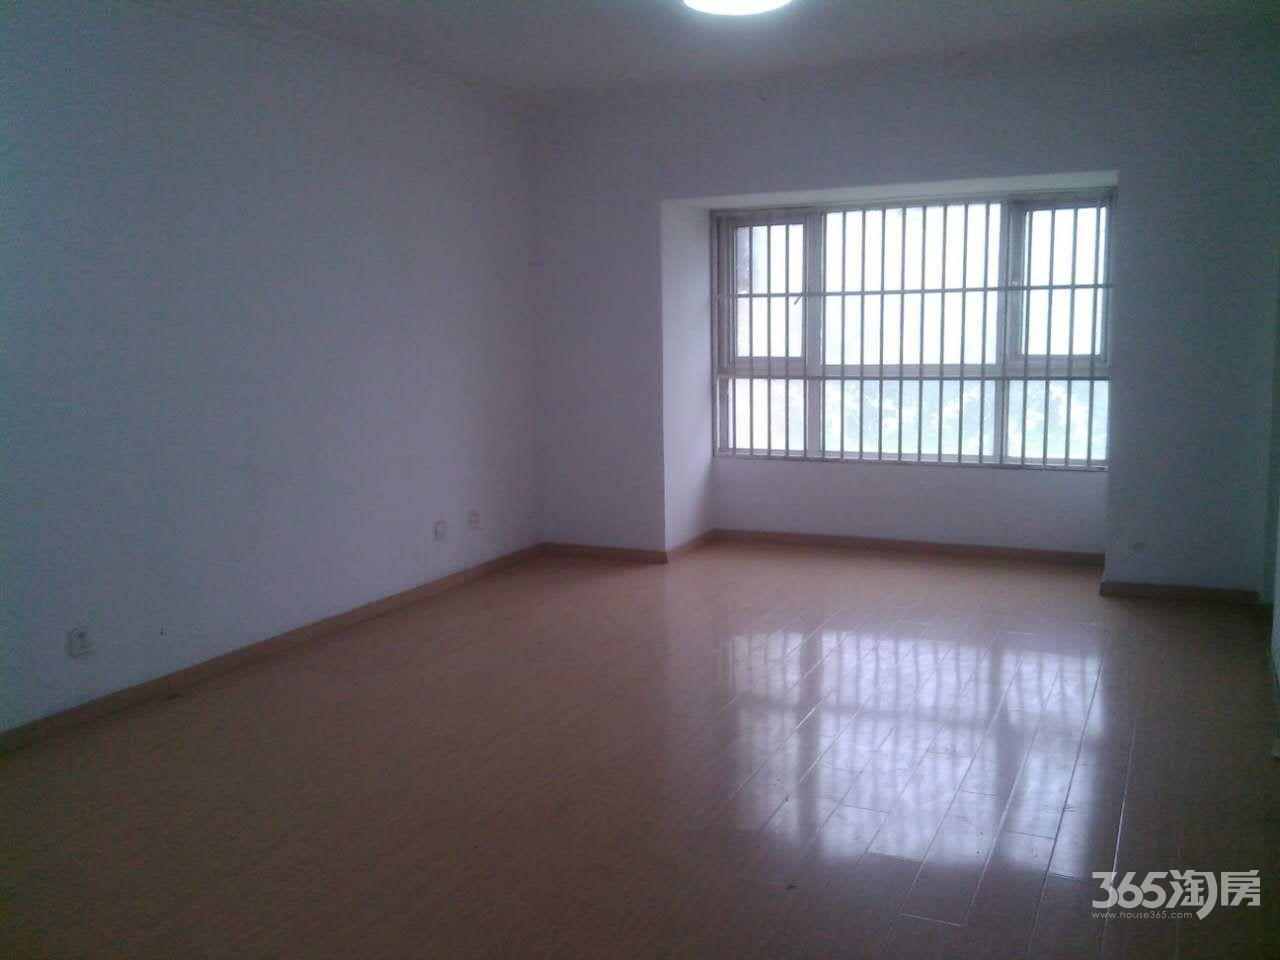 茉莉苑南苑3室2厅1卫105.48平方产权房简装